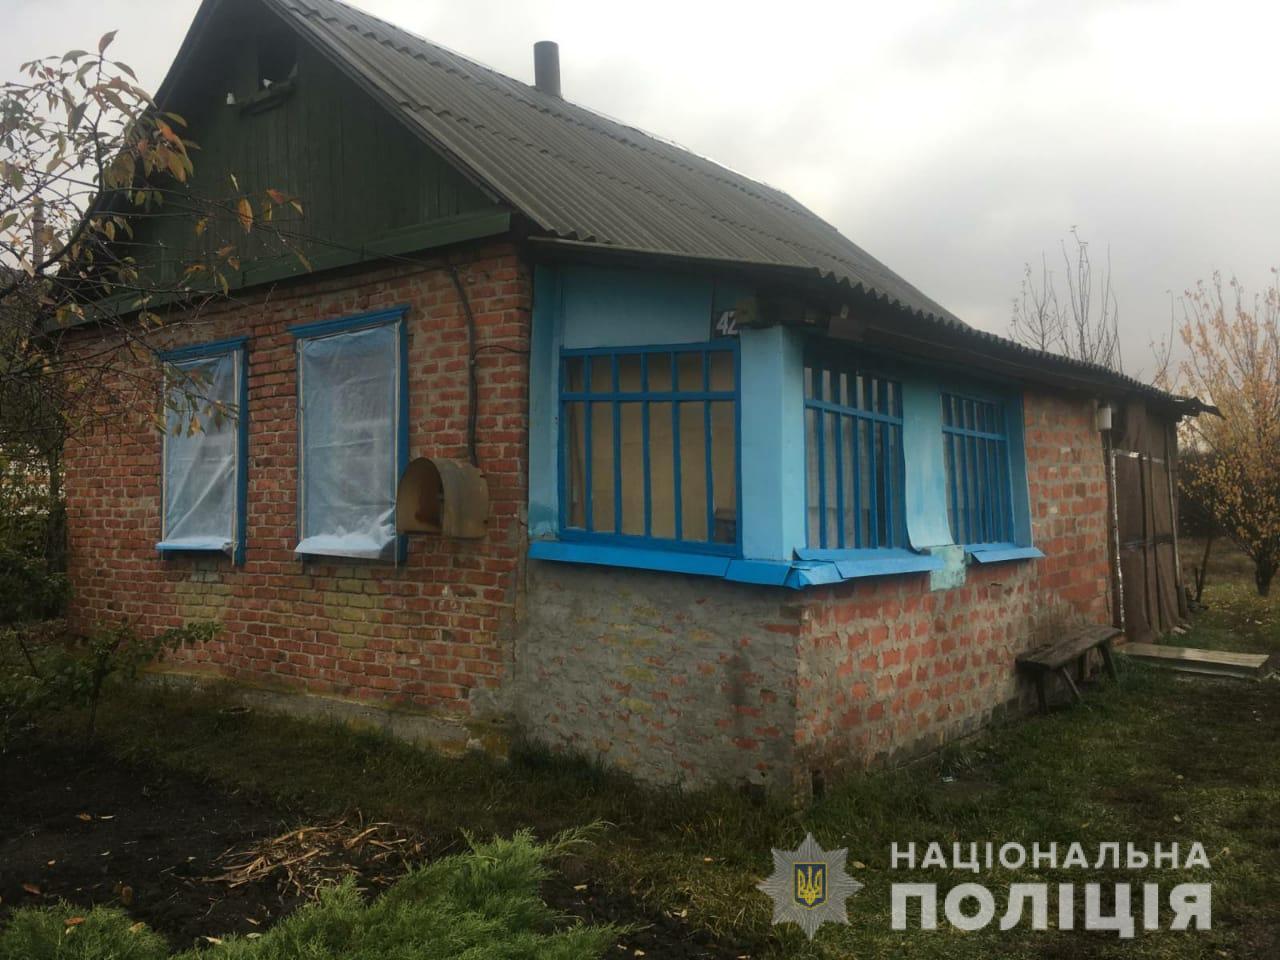 Бив та різав обличчя: на Харківщині чоловік мало не вбив дружину через ревнощі